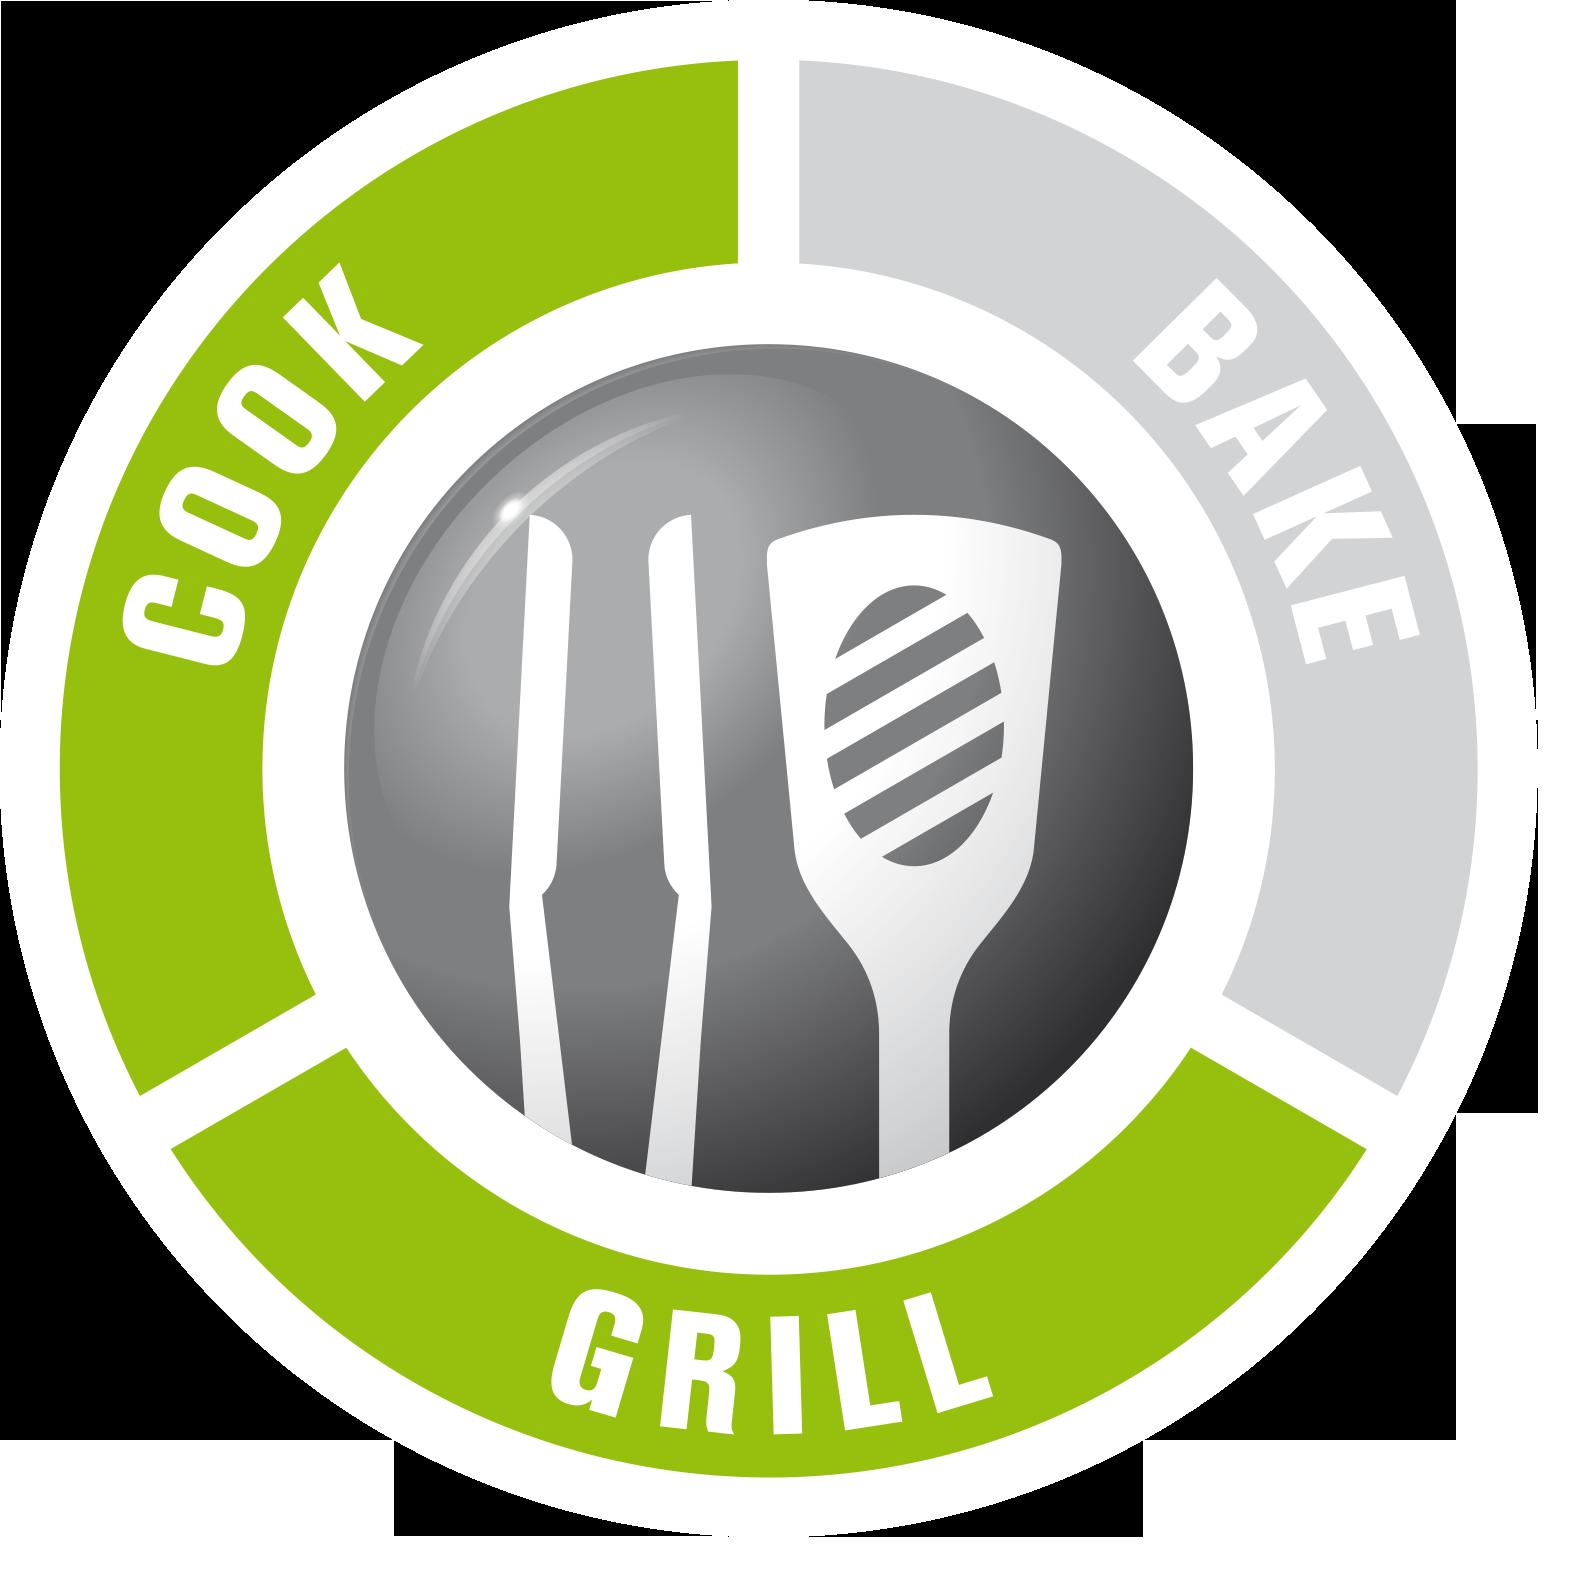 Cook, grill Outdoorchef - Verdon